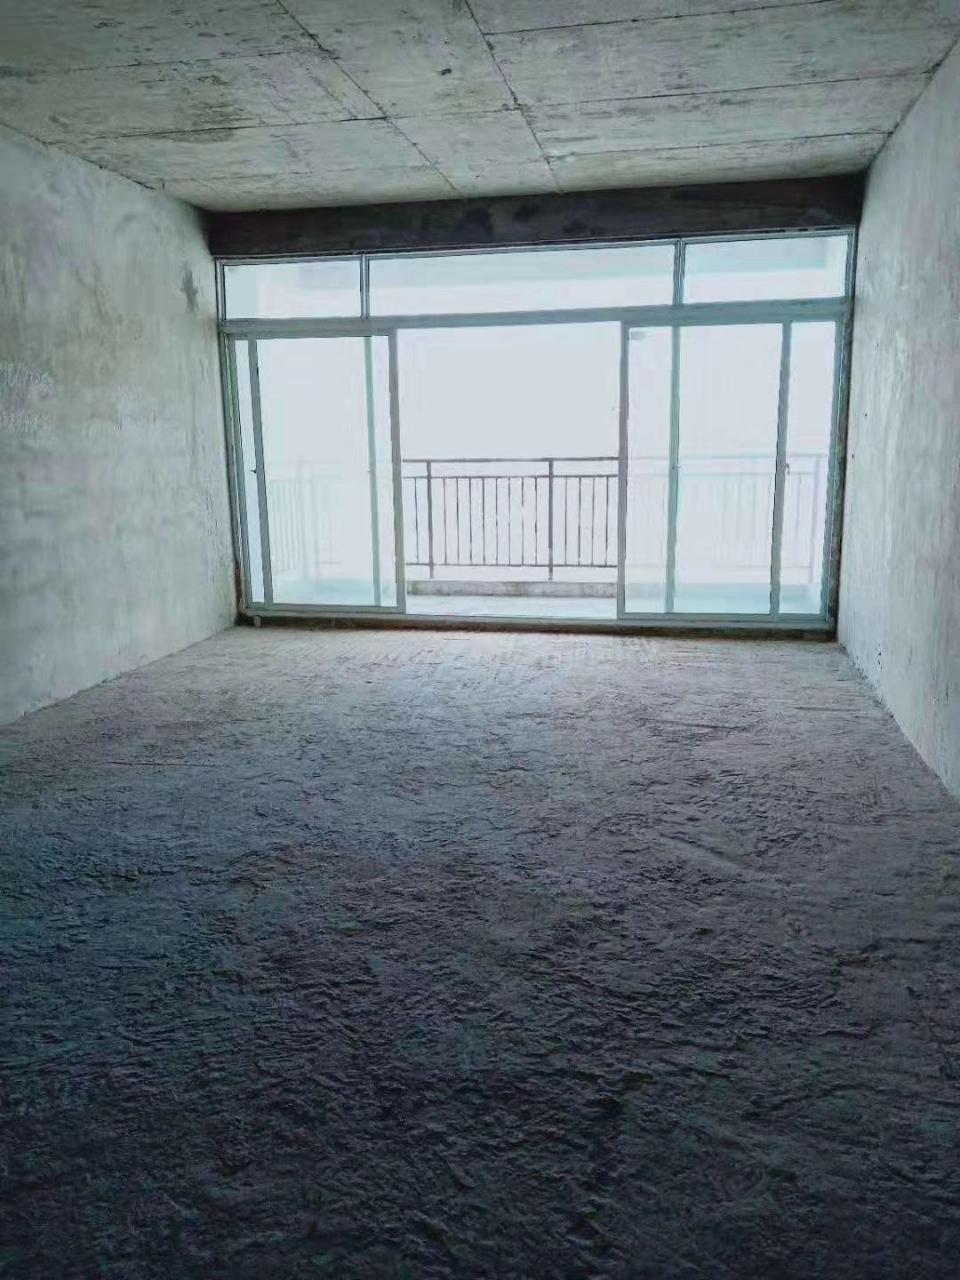 水井湾小区3室 1厅 1卫63万元